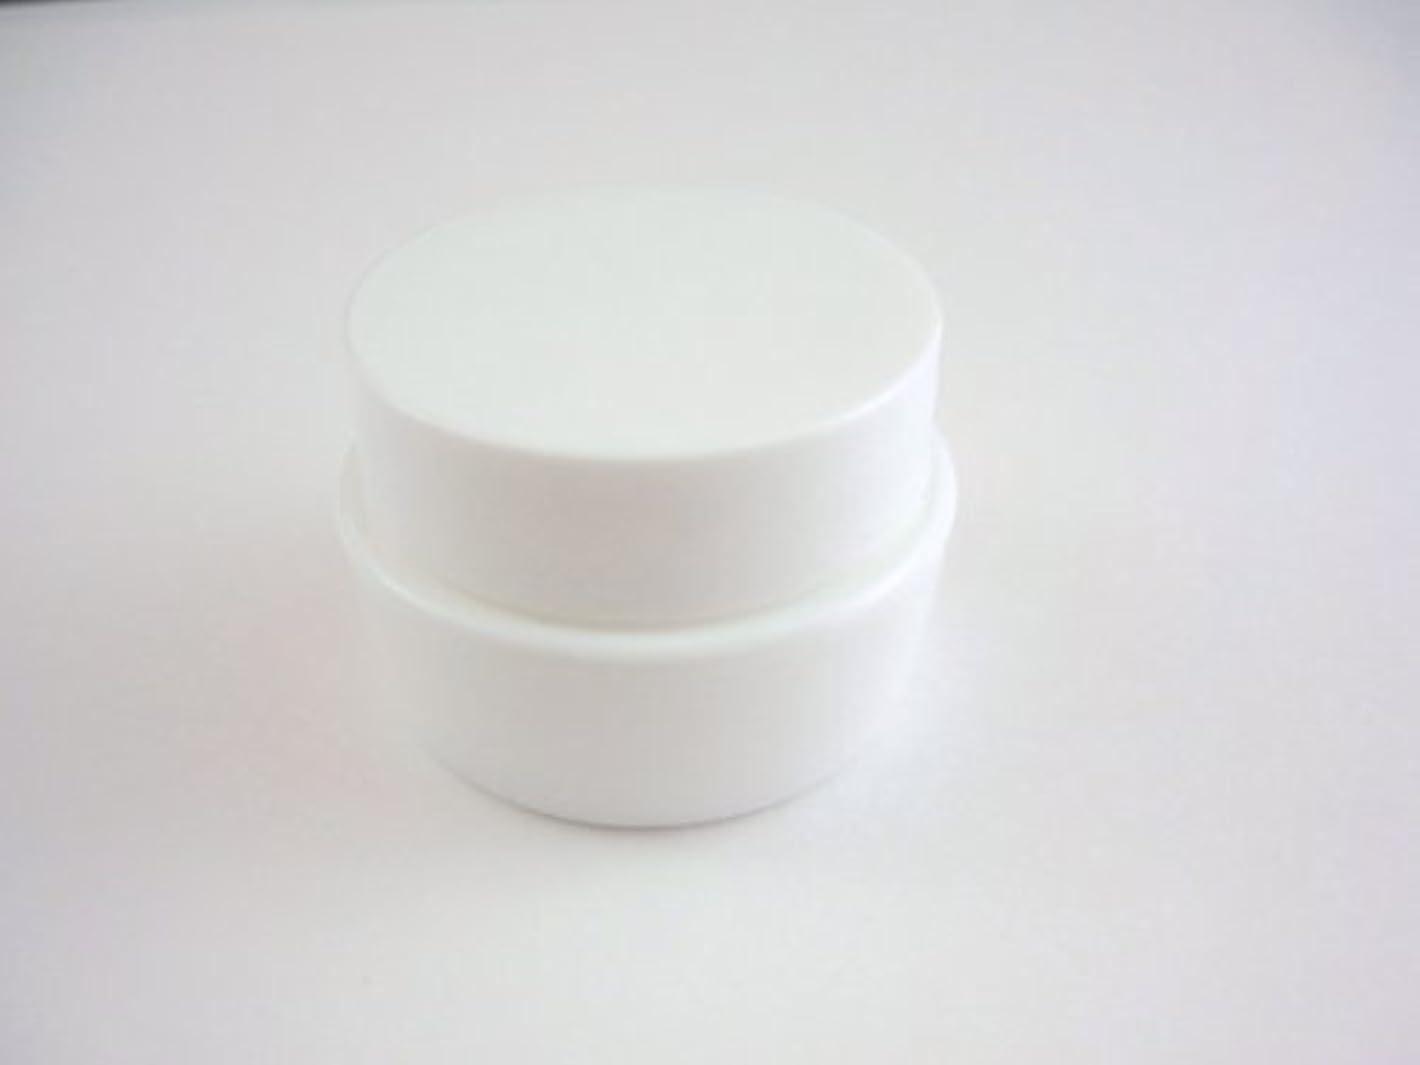 予備親指公平ジェル空容器 3ml   ホワイト 10個セット